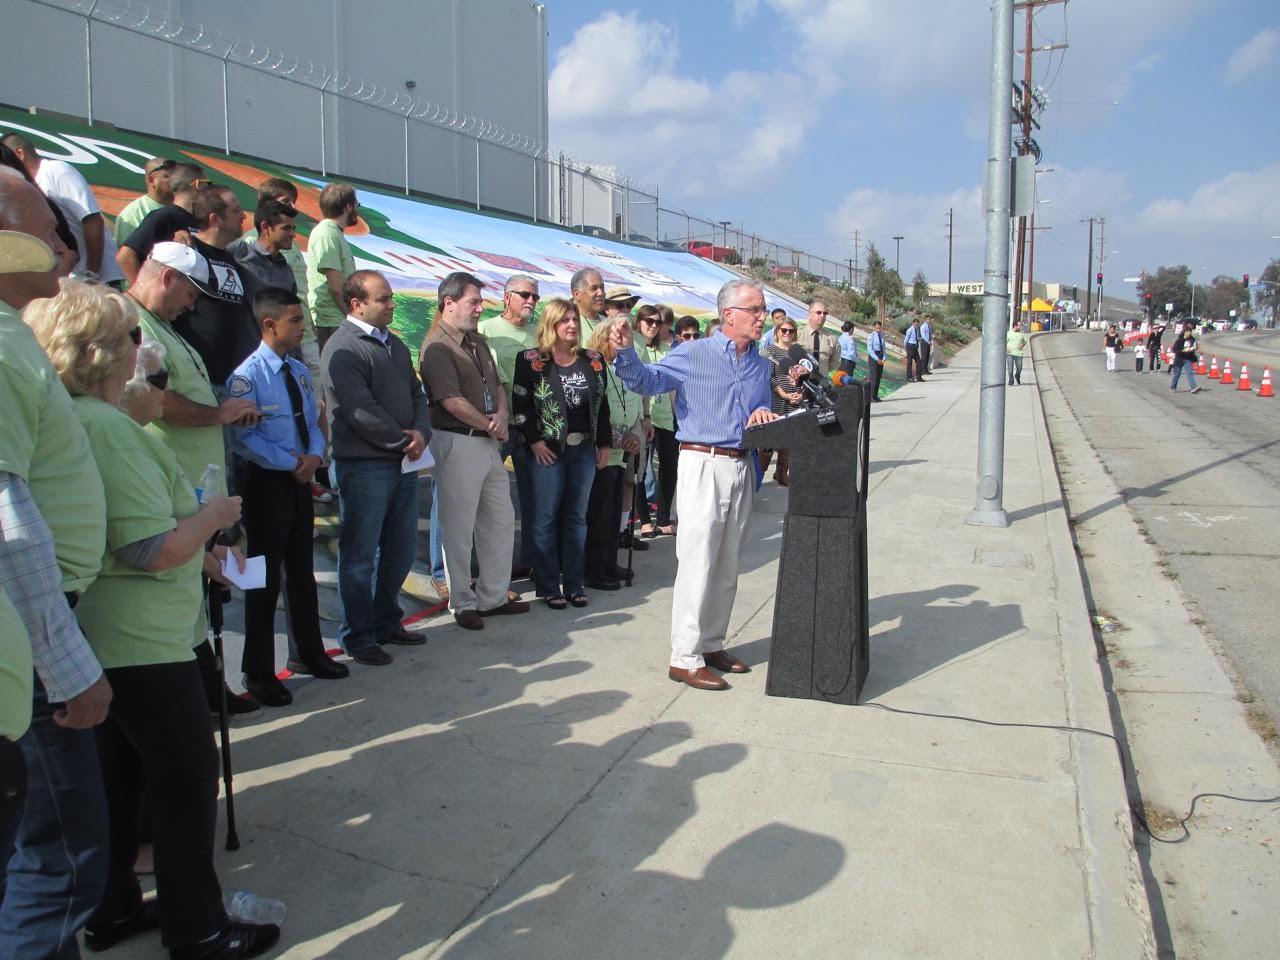 North Hollywood West and North Hollywood North East Neighborhood Councils